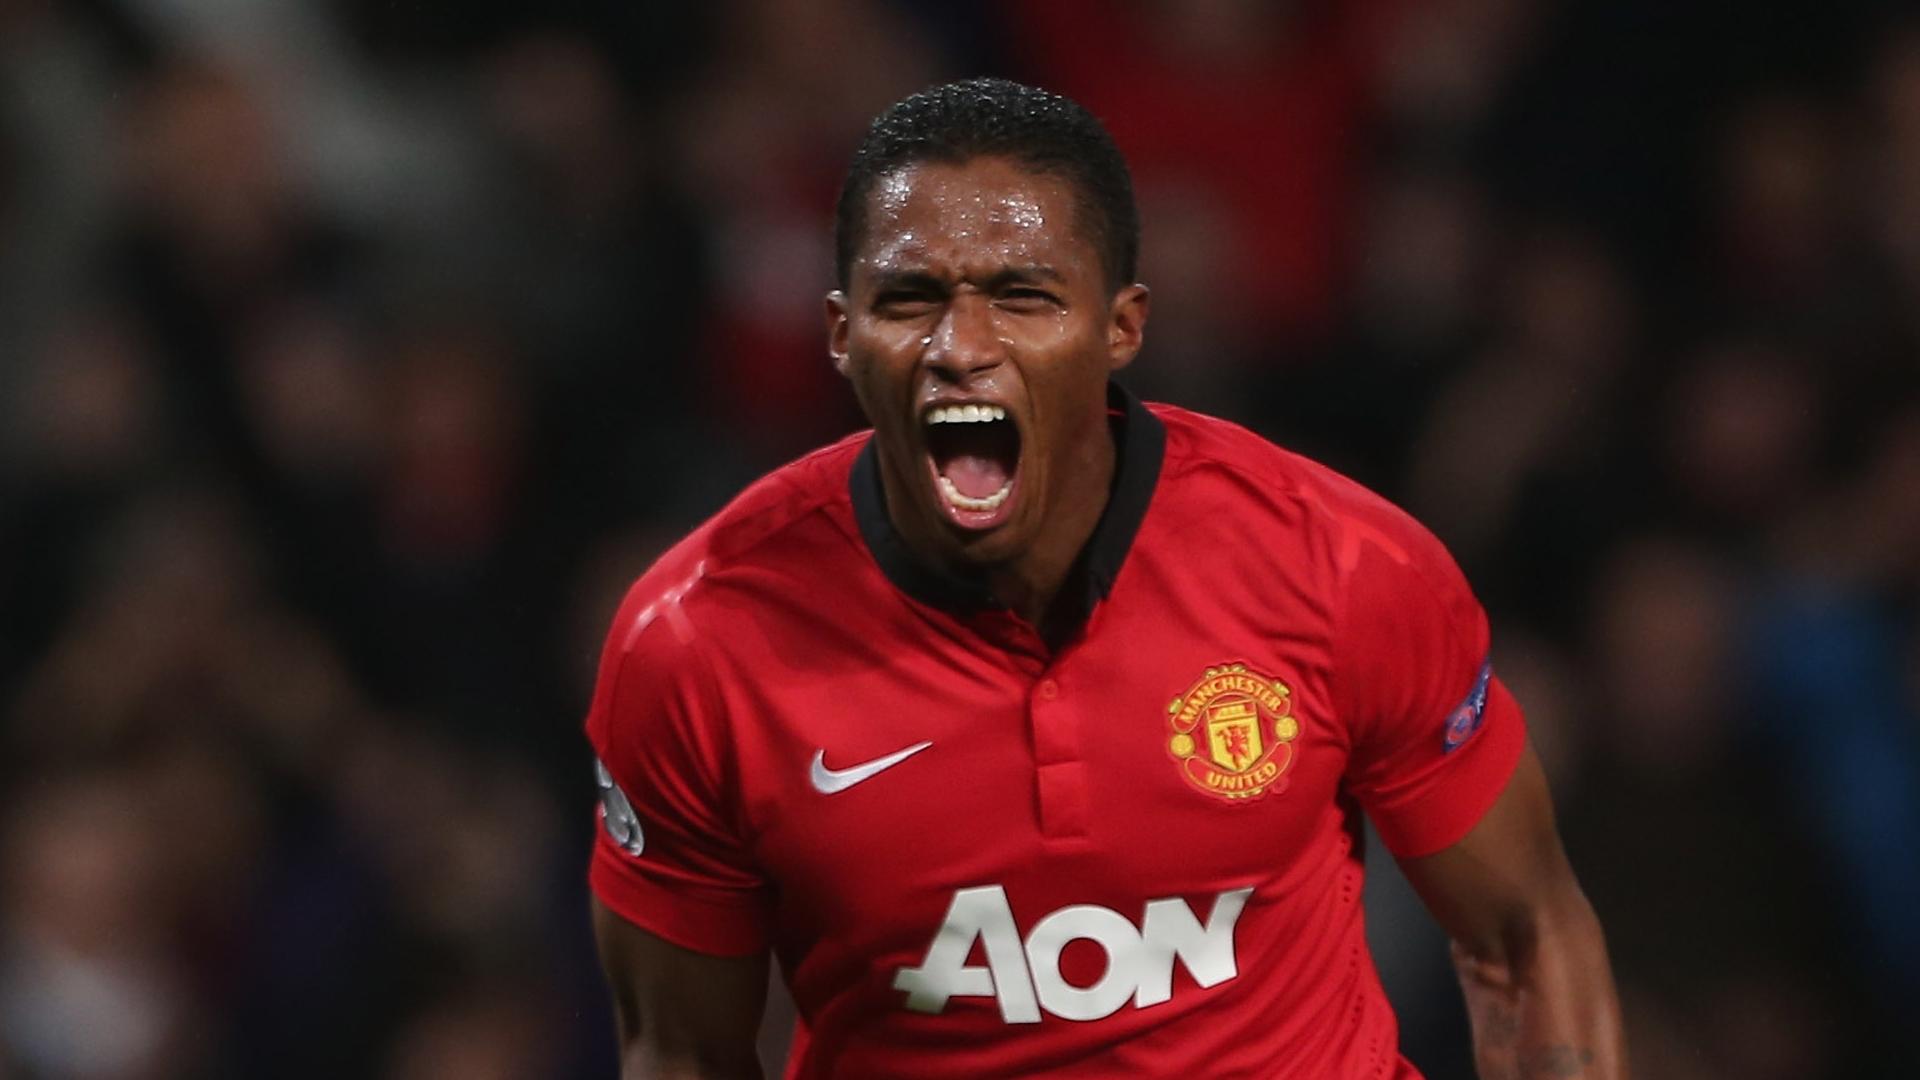 Former Man United captain Antonio Valencia announces retirement